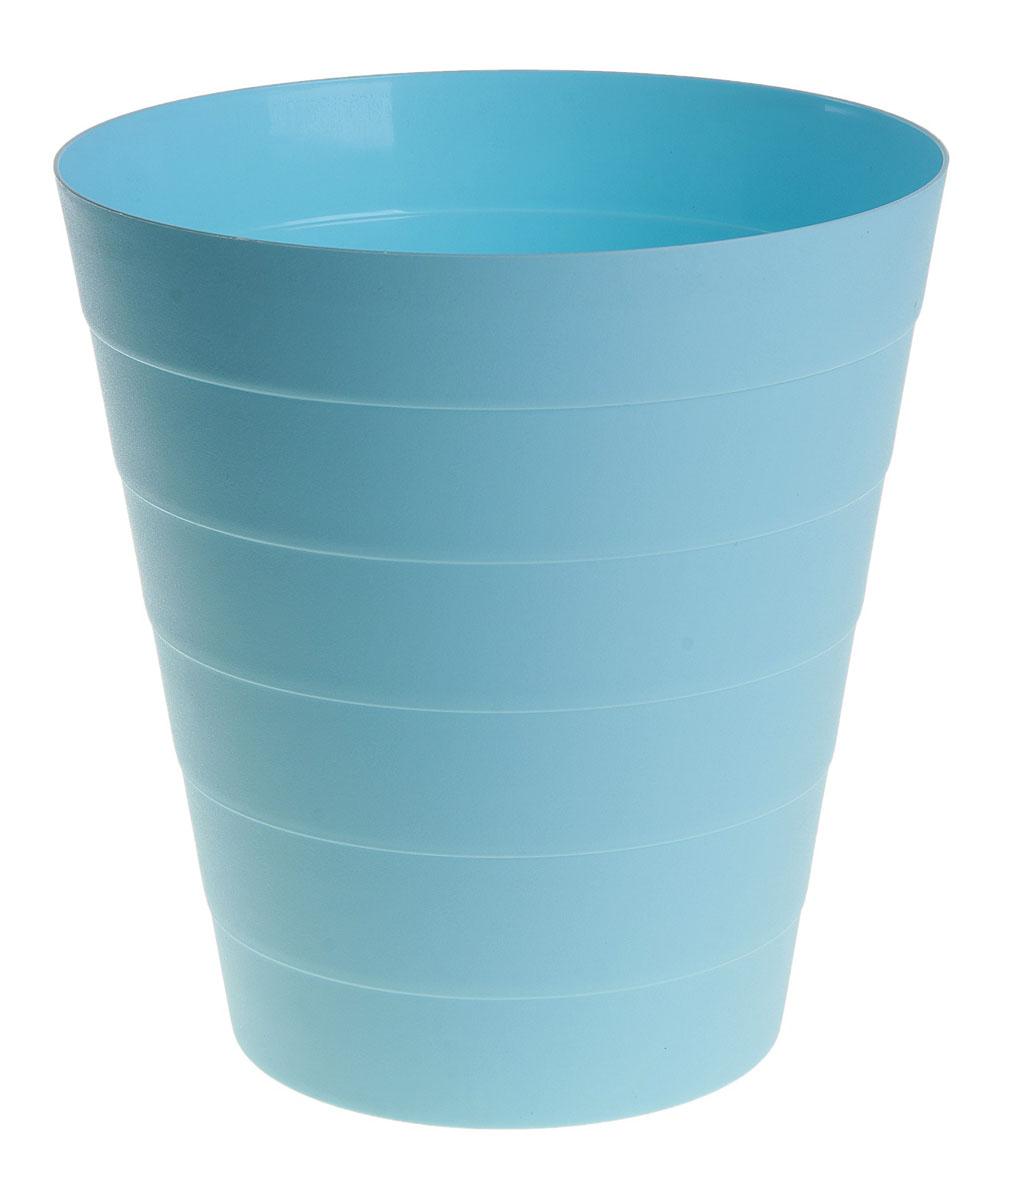 Ведро Sima-land, цвет: голубой, высота 26 см10503Ведро Sima-land изготовлено из прочного пластика, что обеспечит долгий срок службы и легкую чистку. Ведро предназначено для складывания мусора, различных мелких предметов и материалов.Ведро Sima-land будет вам надежным помощником по хозяйству. Диаметр ведра: 24 см.Высота стенки: 26 см.Диаметр дна: 15,5 см.